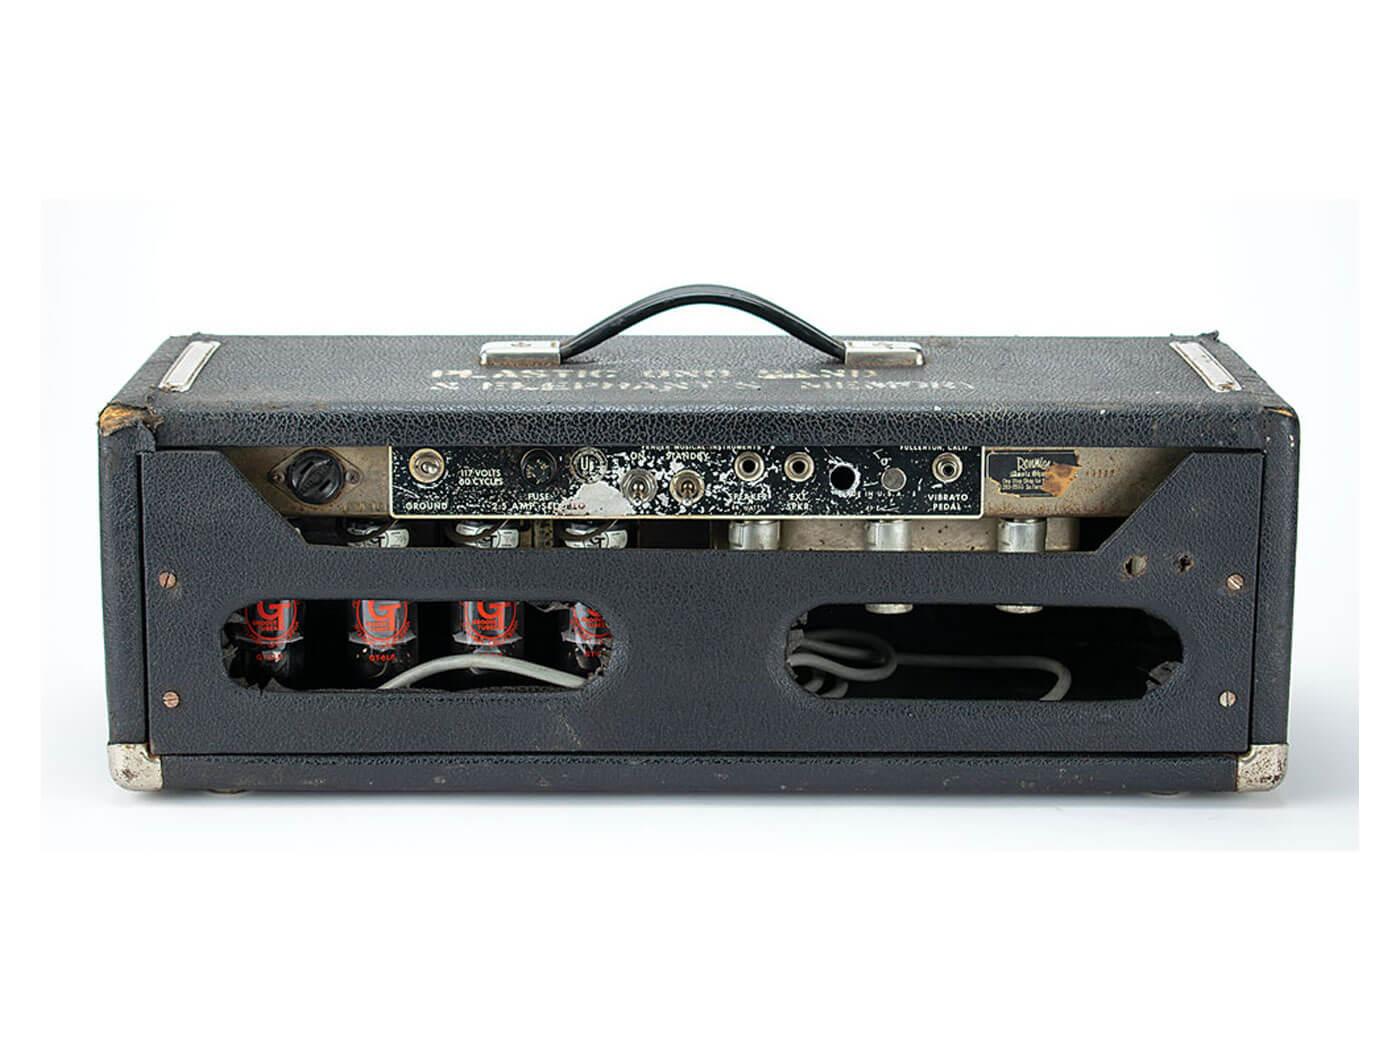 John Lennon's Fender amp